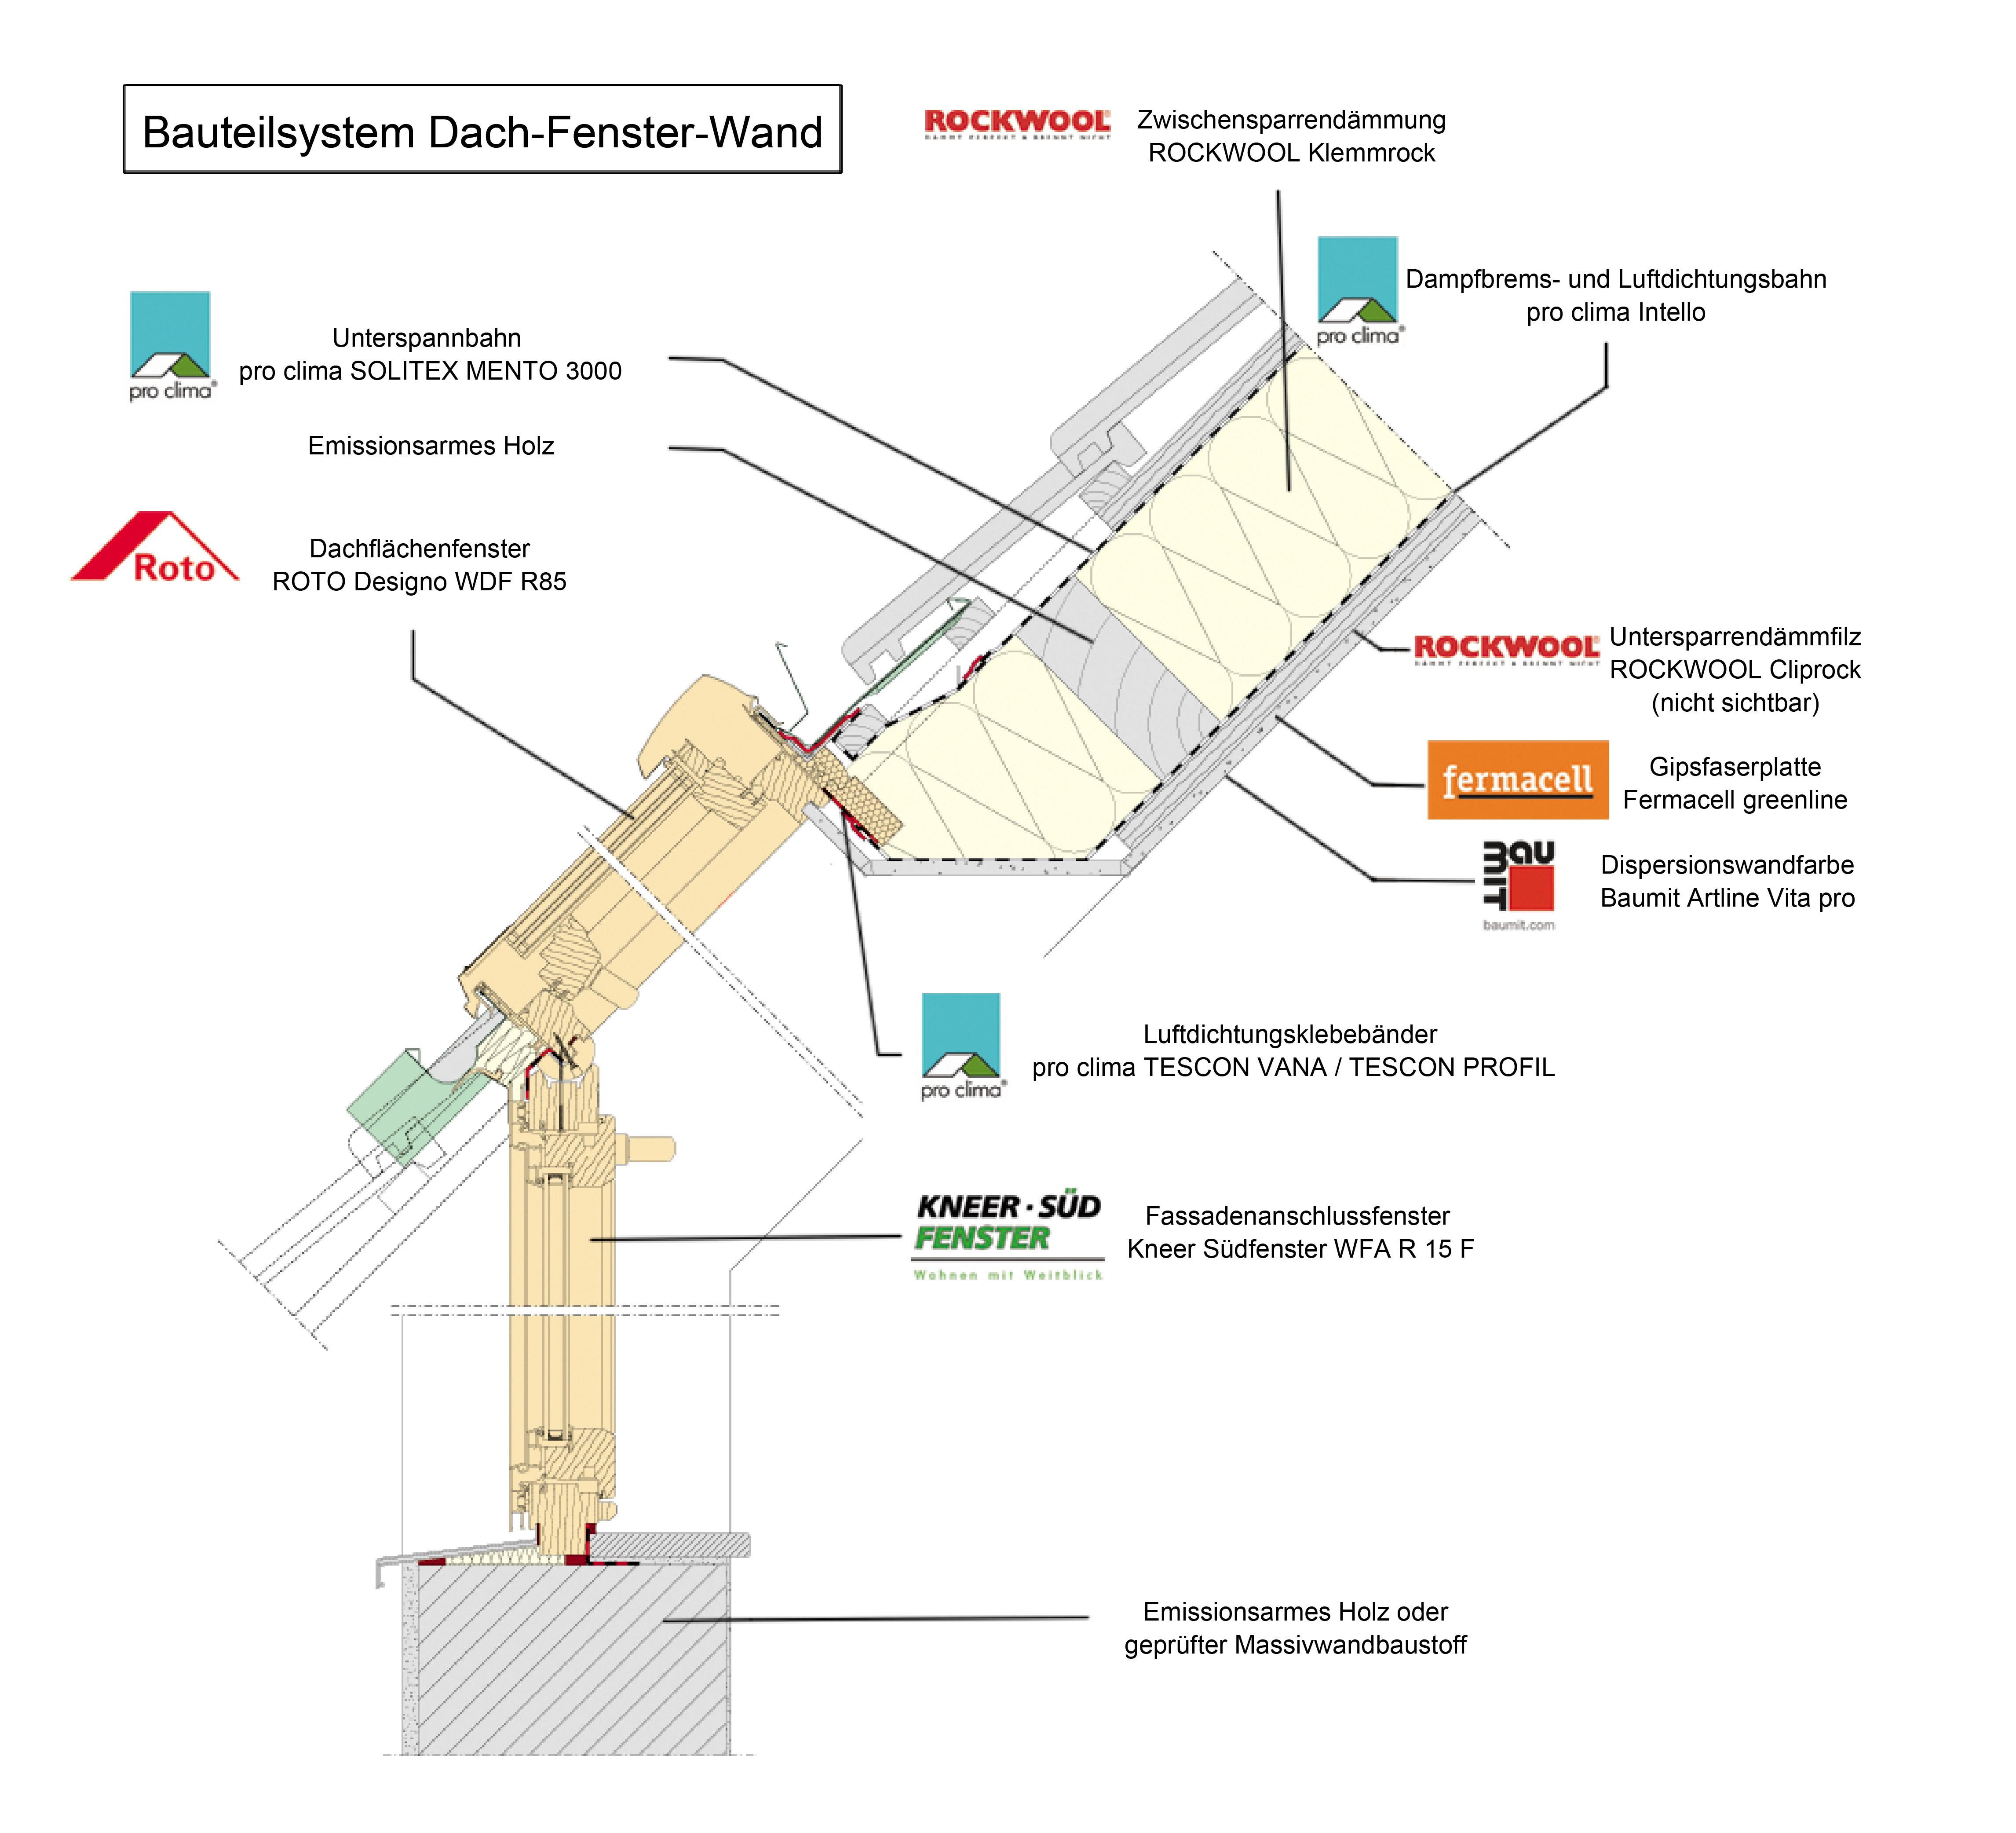 dach holz 2014 erster emissionsgepr fter dachaufbau wohngesundes system mit luftdichtung von. Black Bedroom Furniture Sets. Home Design Ideas